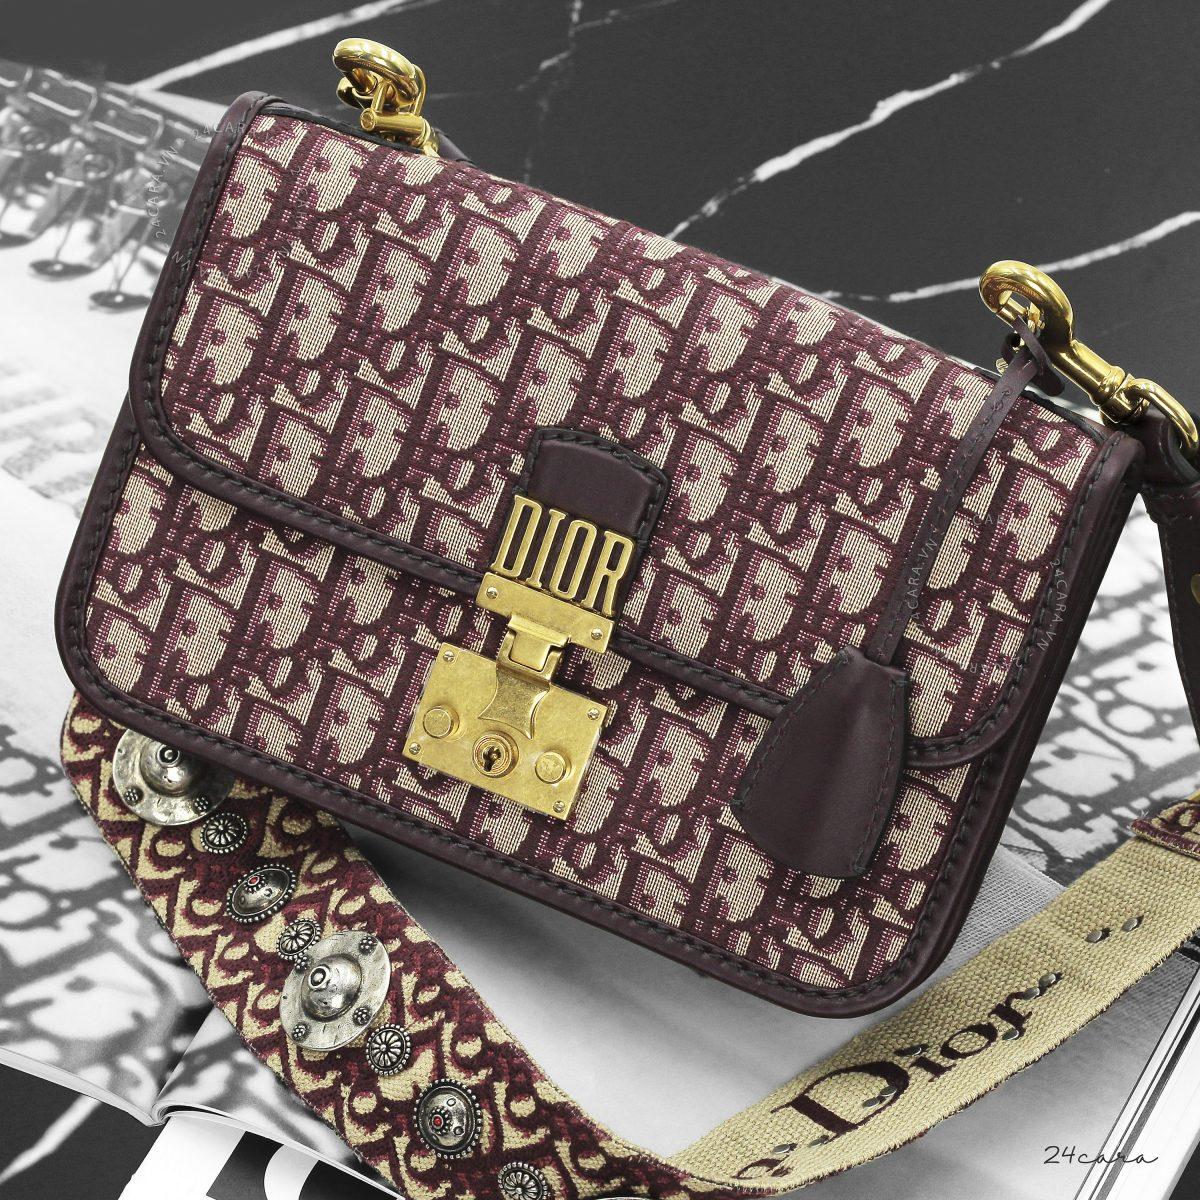 Sang chảnh với thiết kế túi DiorAddict